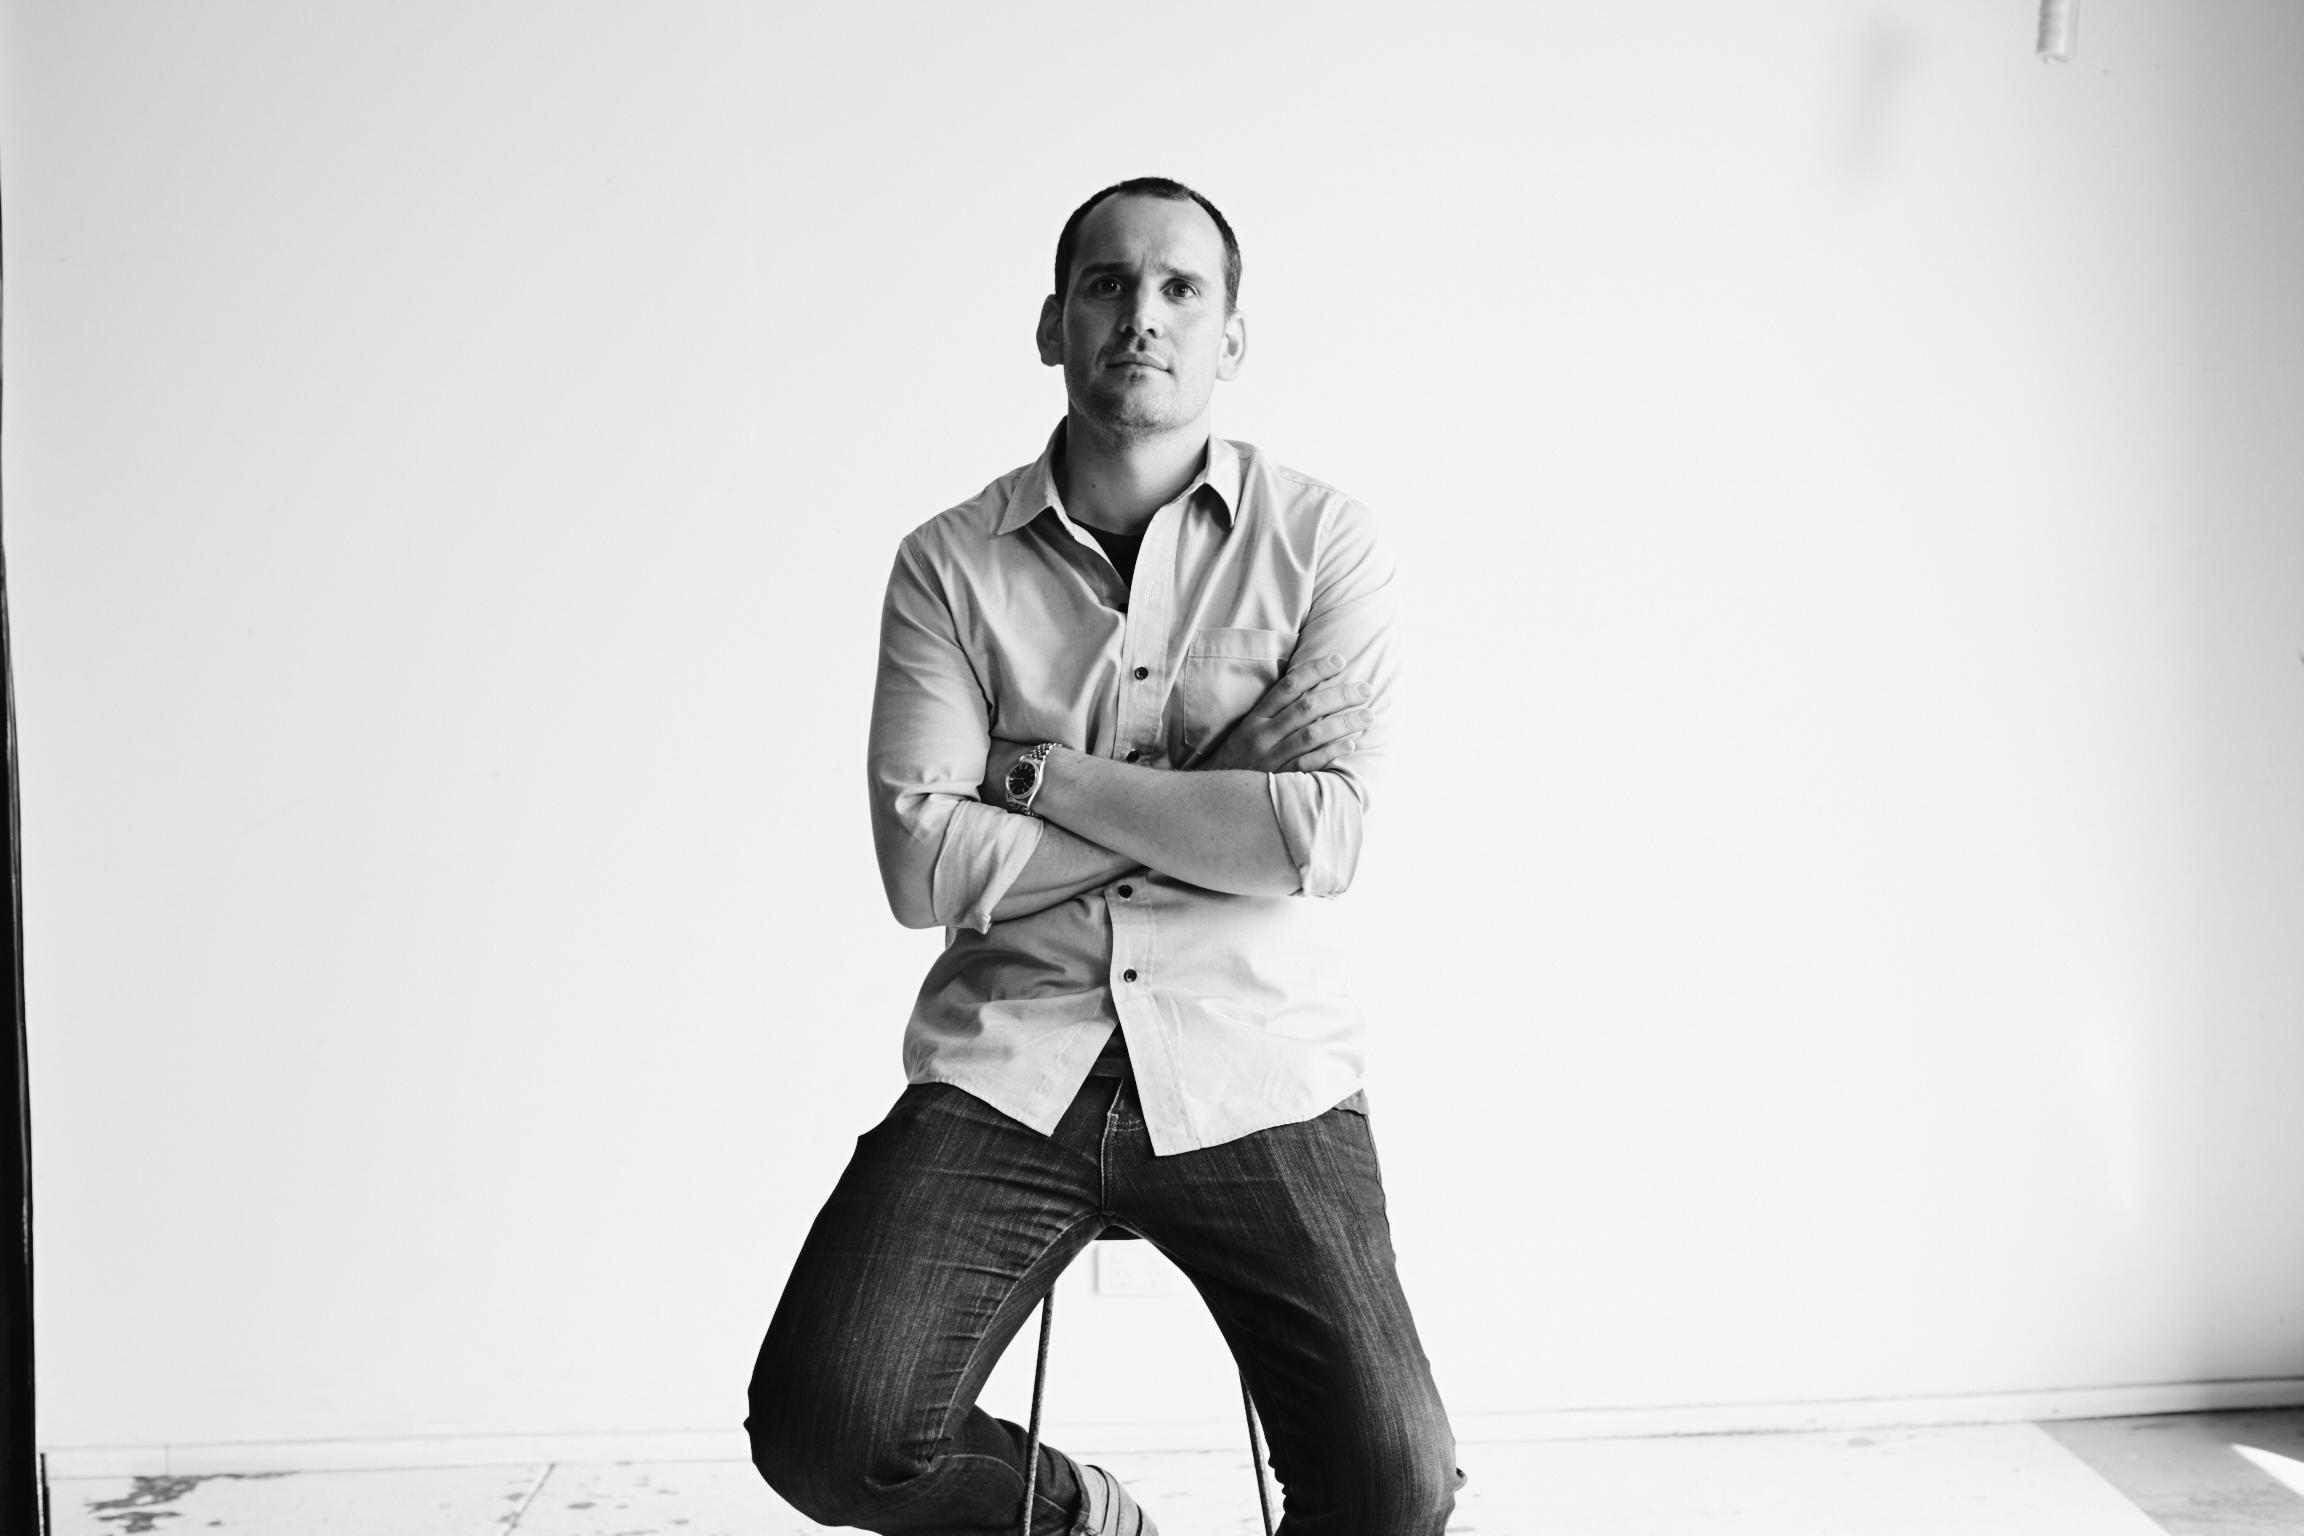 BWM Dentsu Melbourne appoints Simon Bagnasco Executive Creative Director